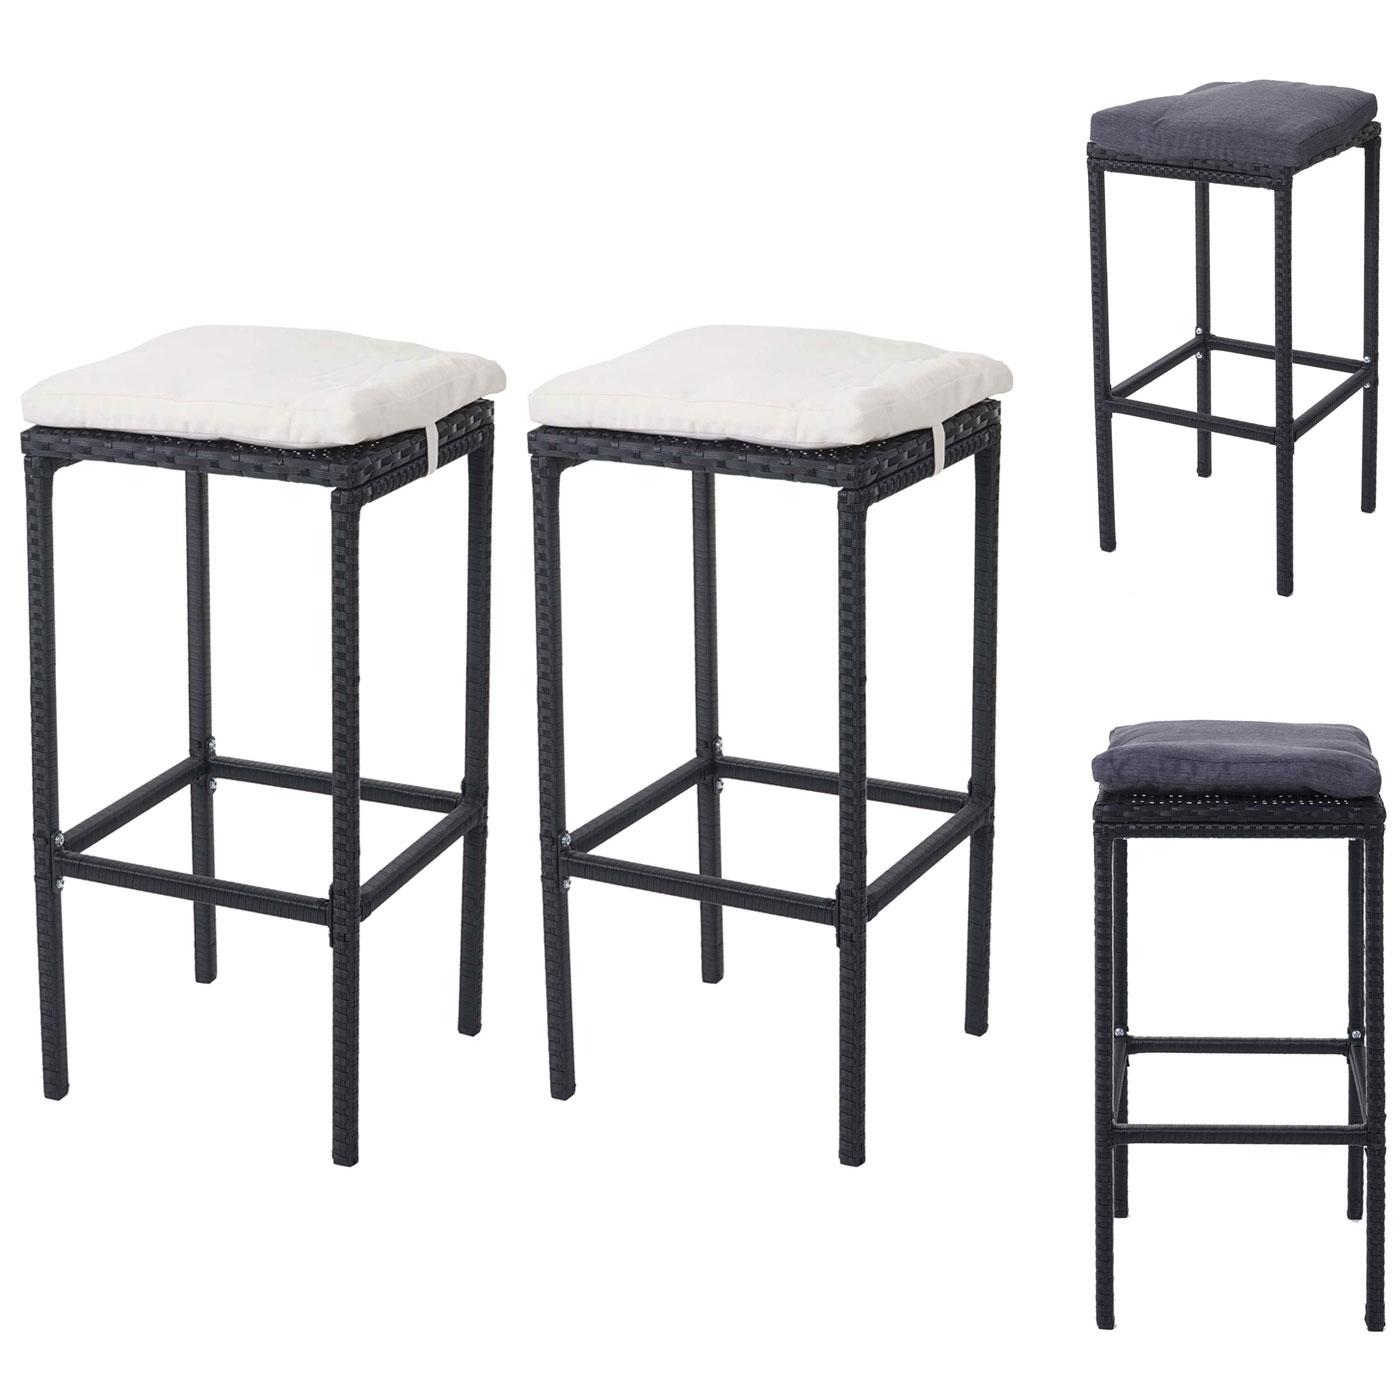 polyrattan barhocker machen sie den preisvergleich bei. Black Bedroom Furniture Sets. Home Design Ideas